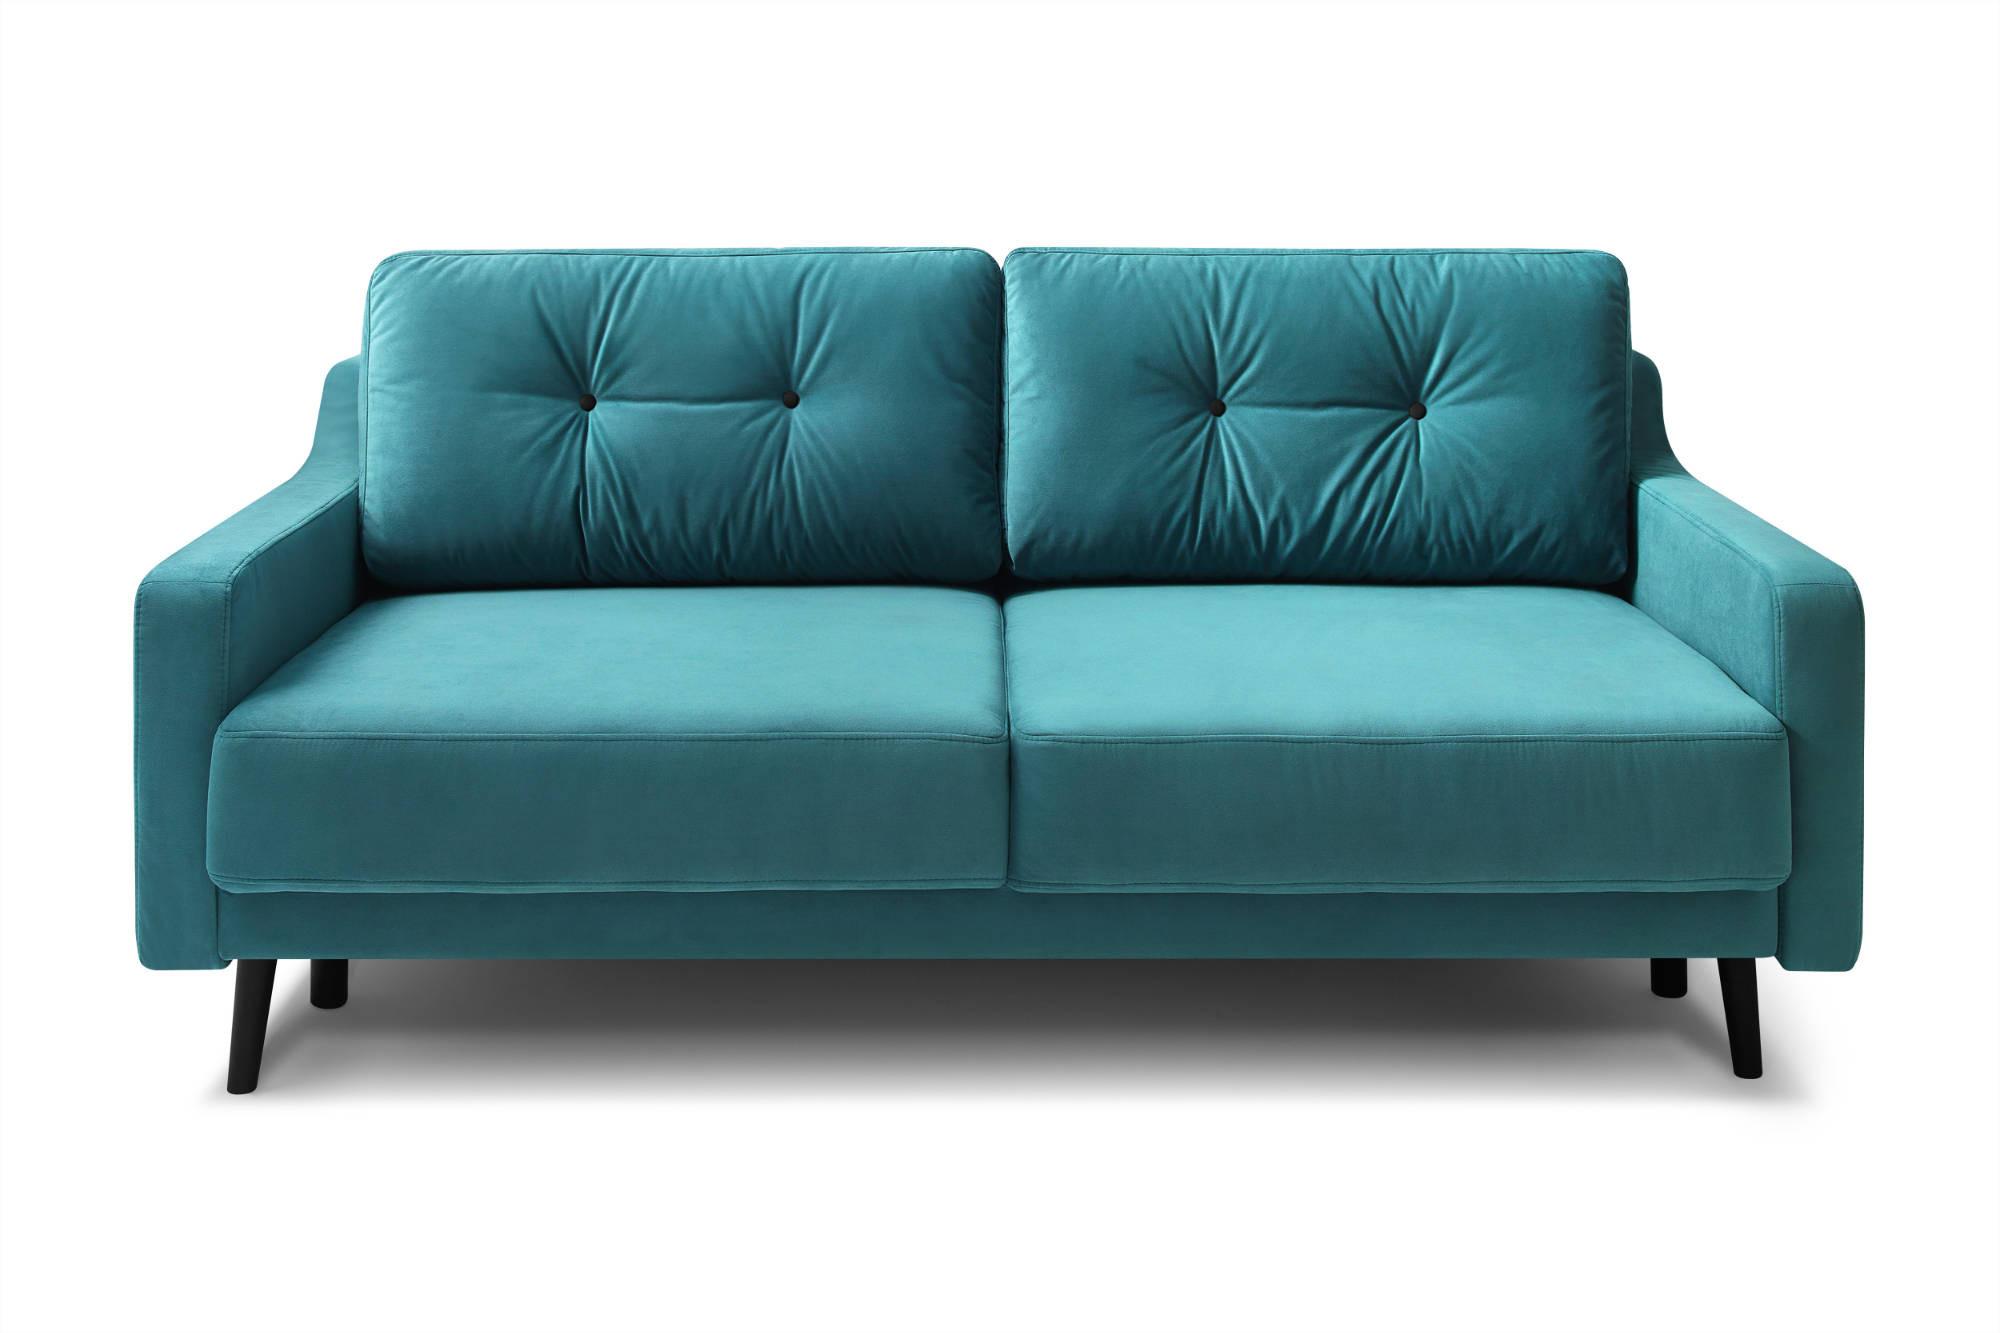 Canapé droit 3 places Bleu Velours Contemporain Confort